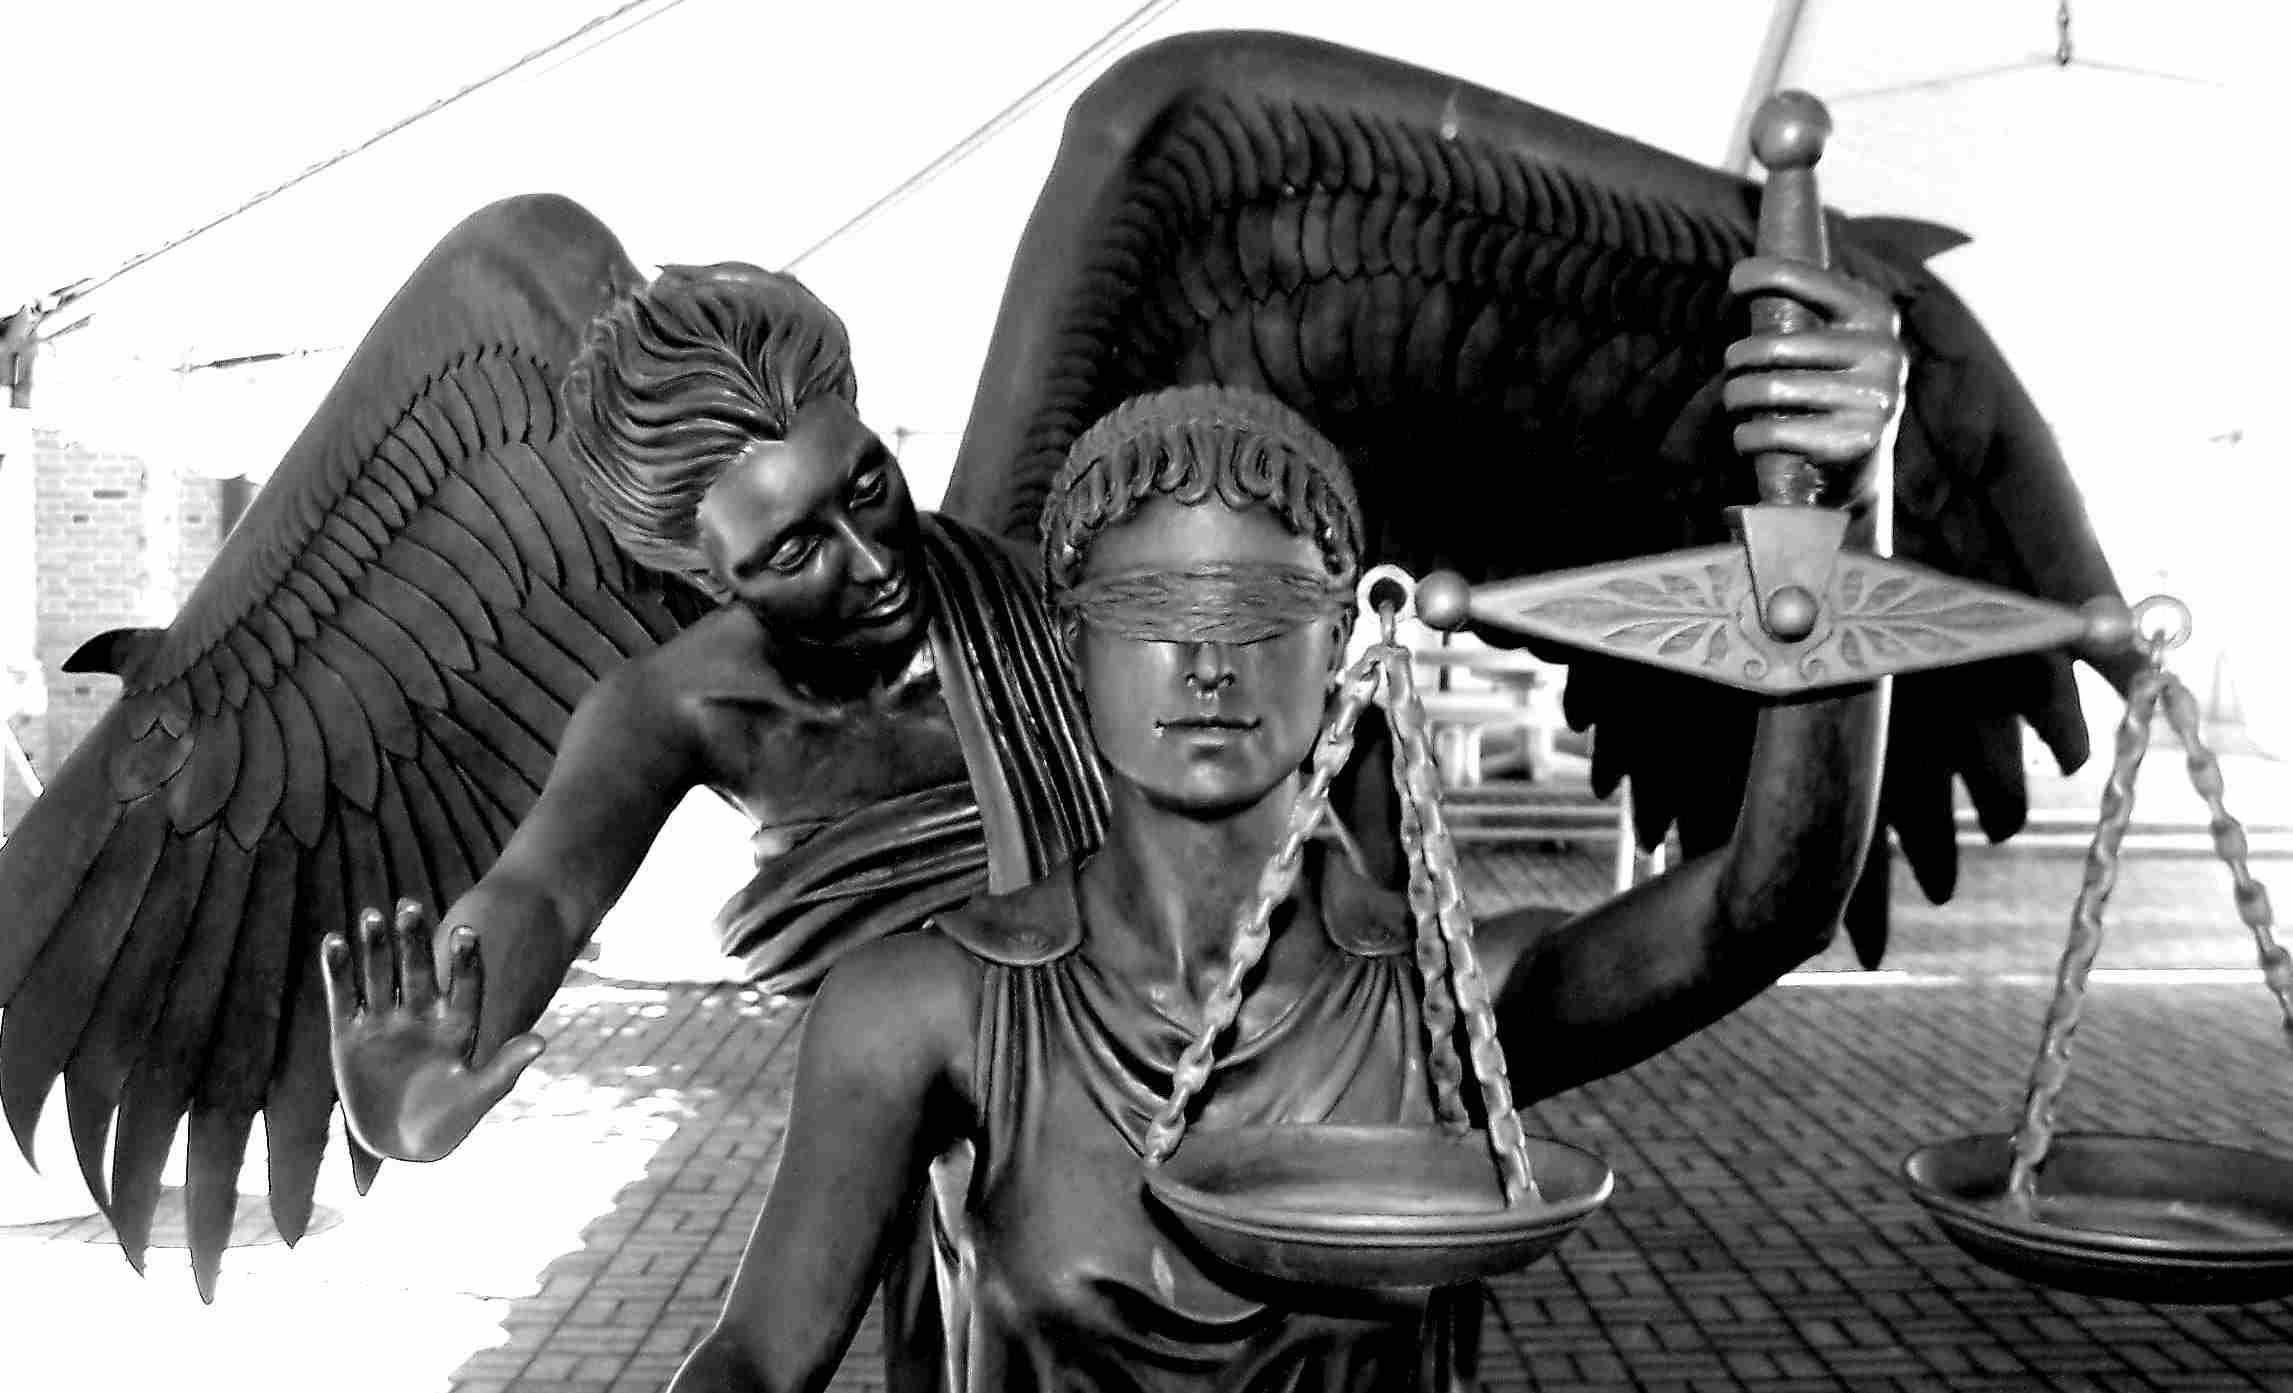 Blind Justice Image 3